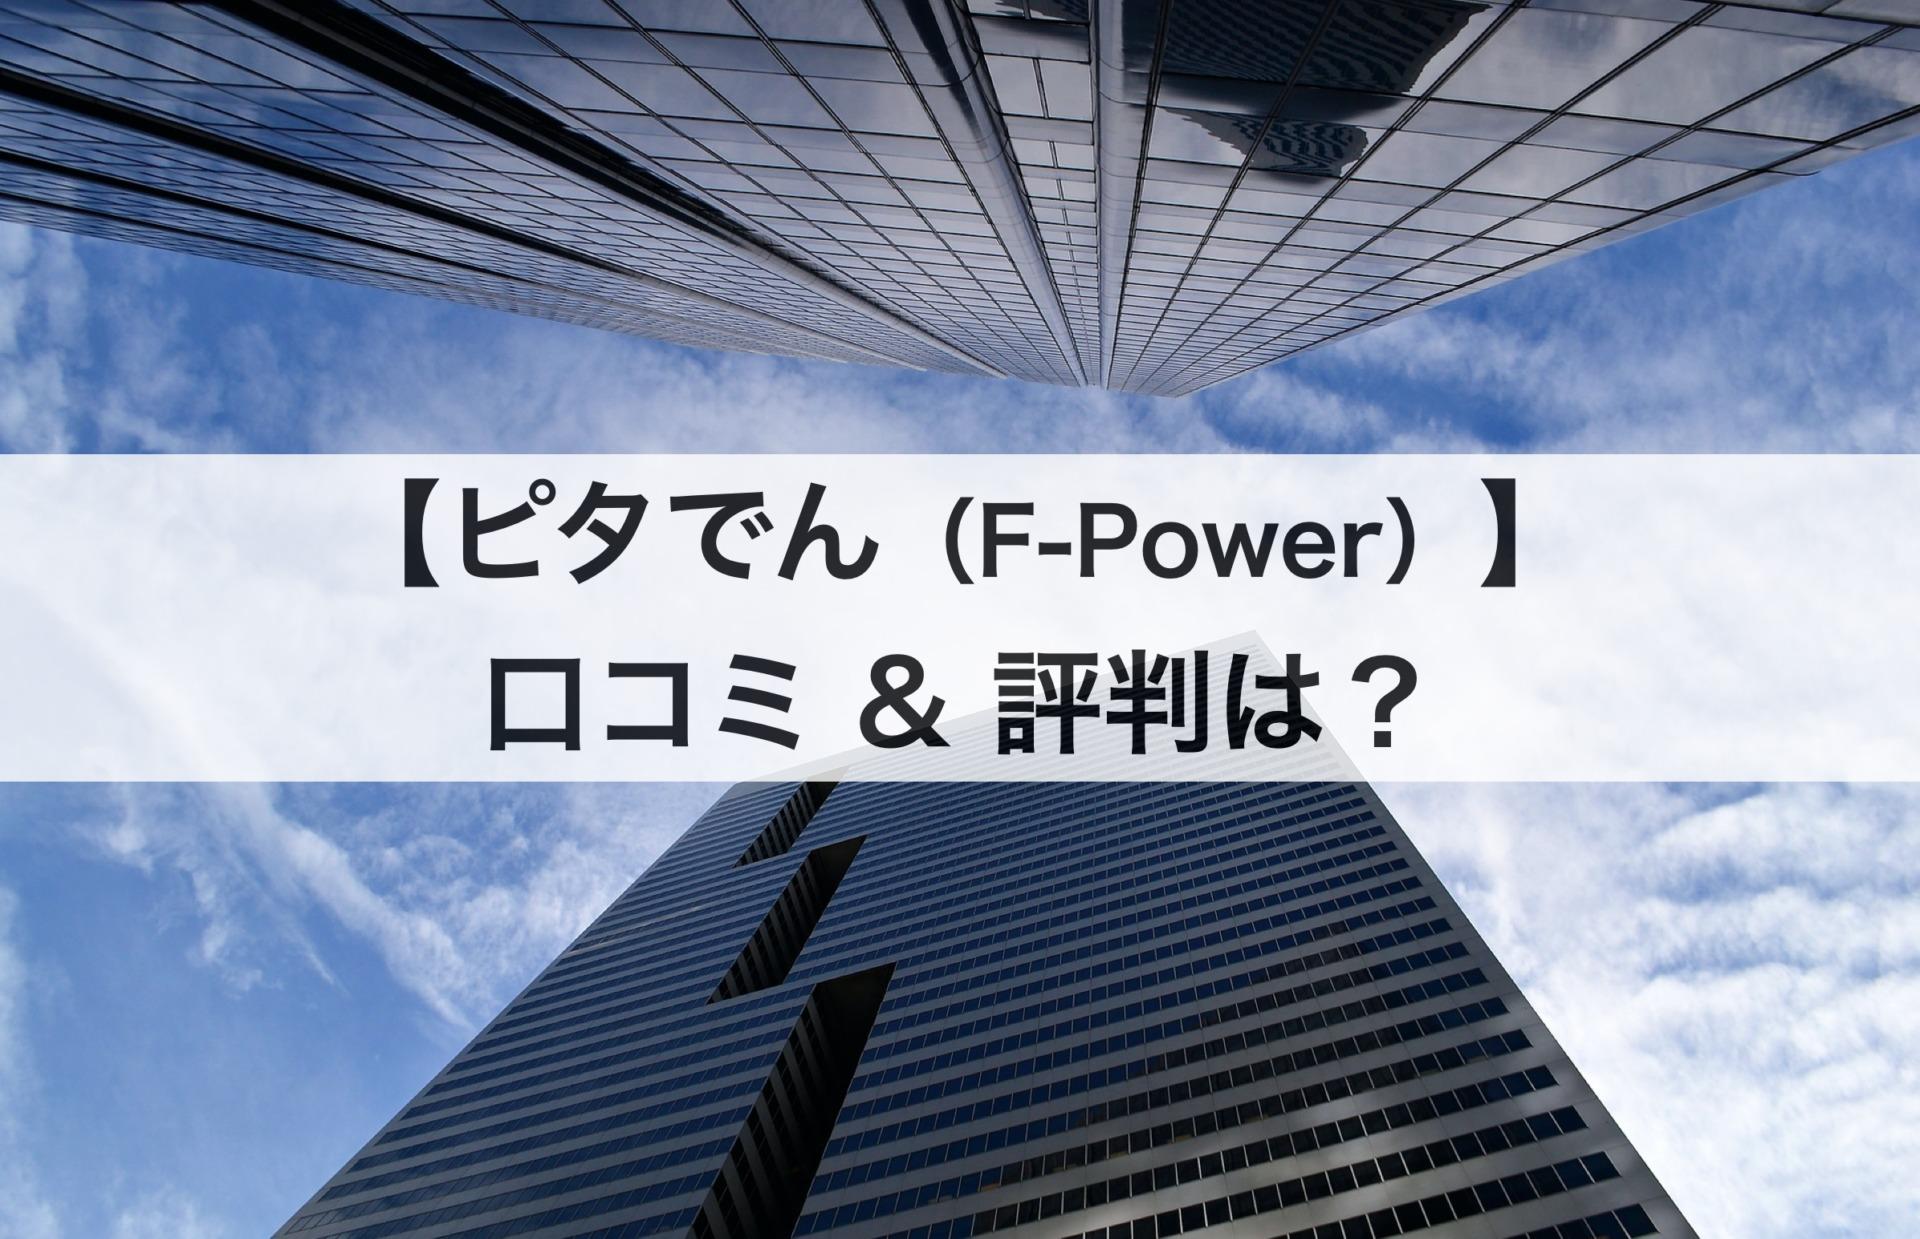 ピタでん(F-Power)の口コミや評判は?メリット&デメリットも解説します。